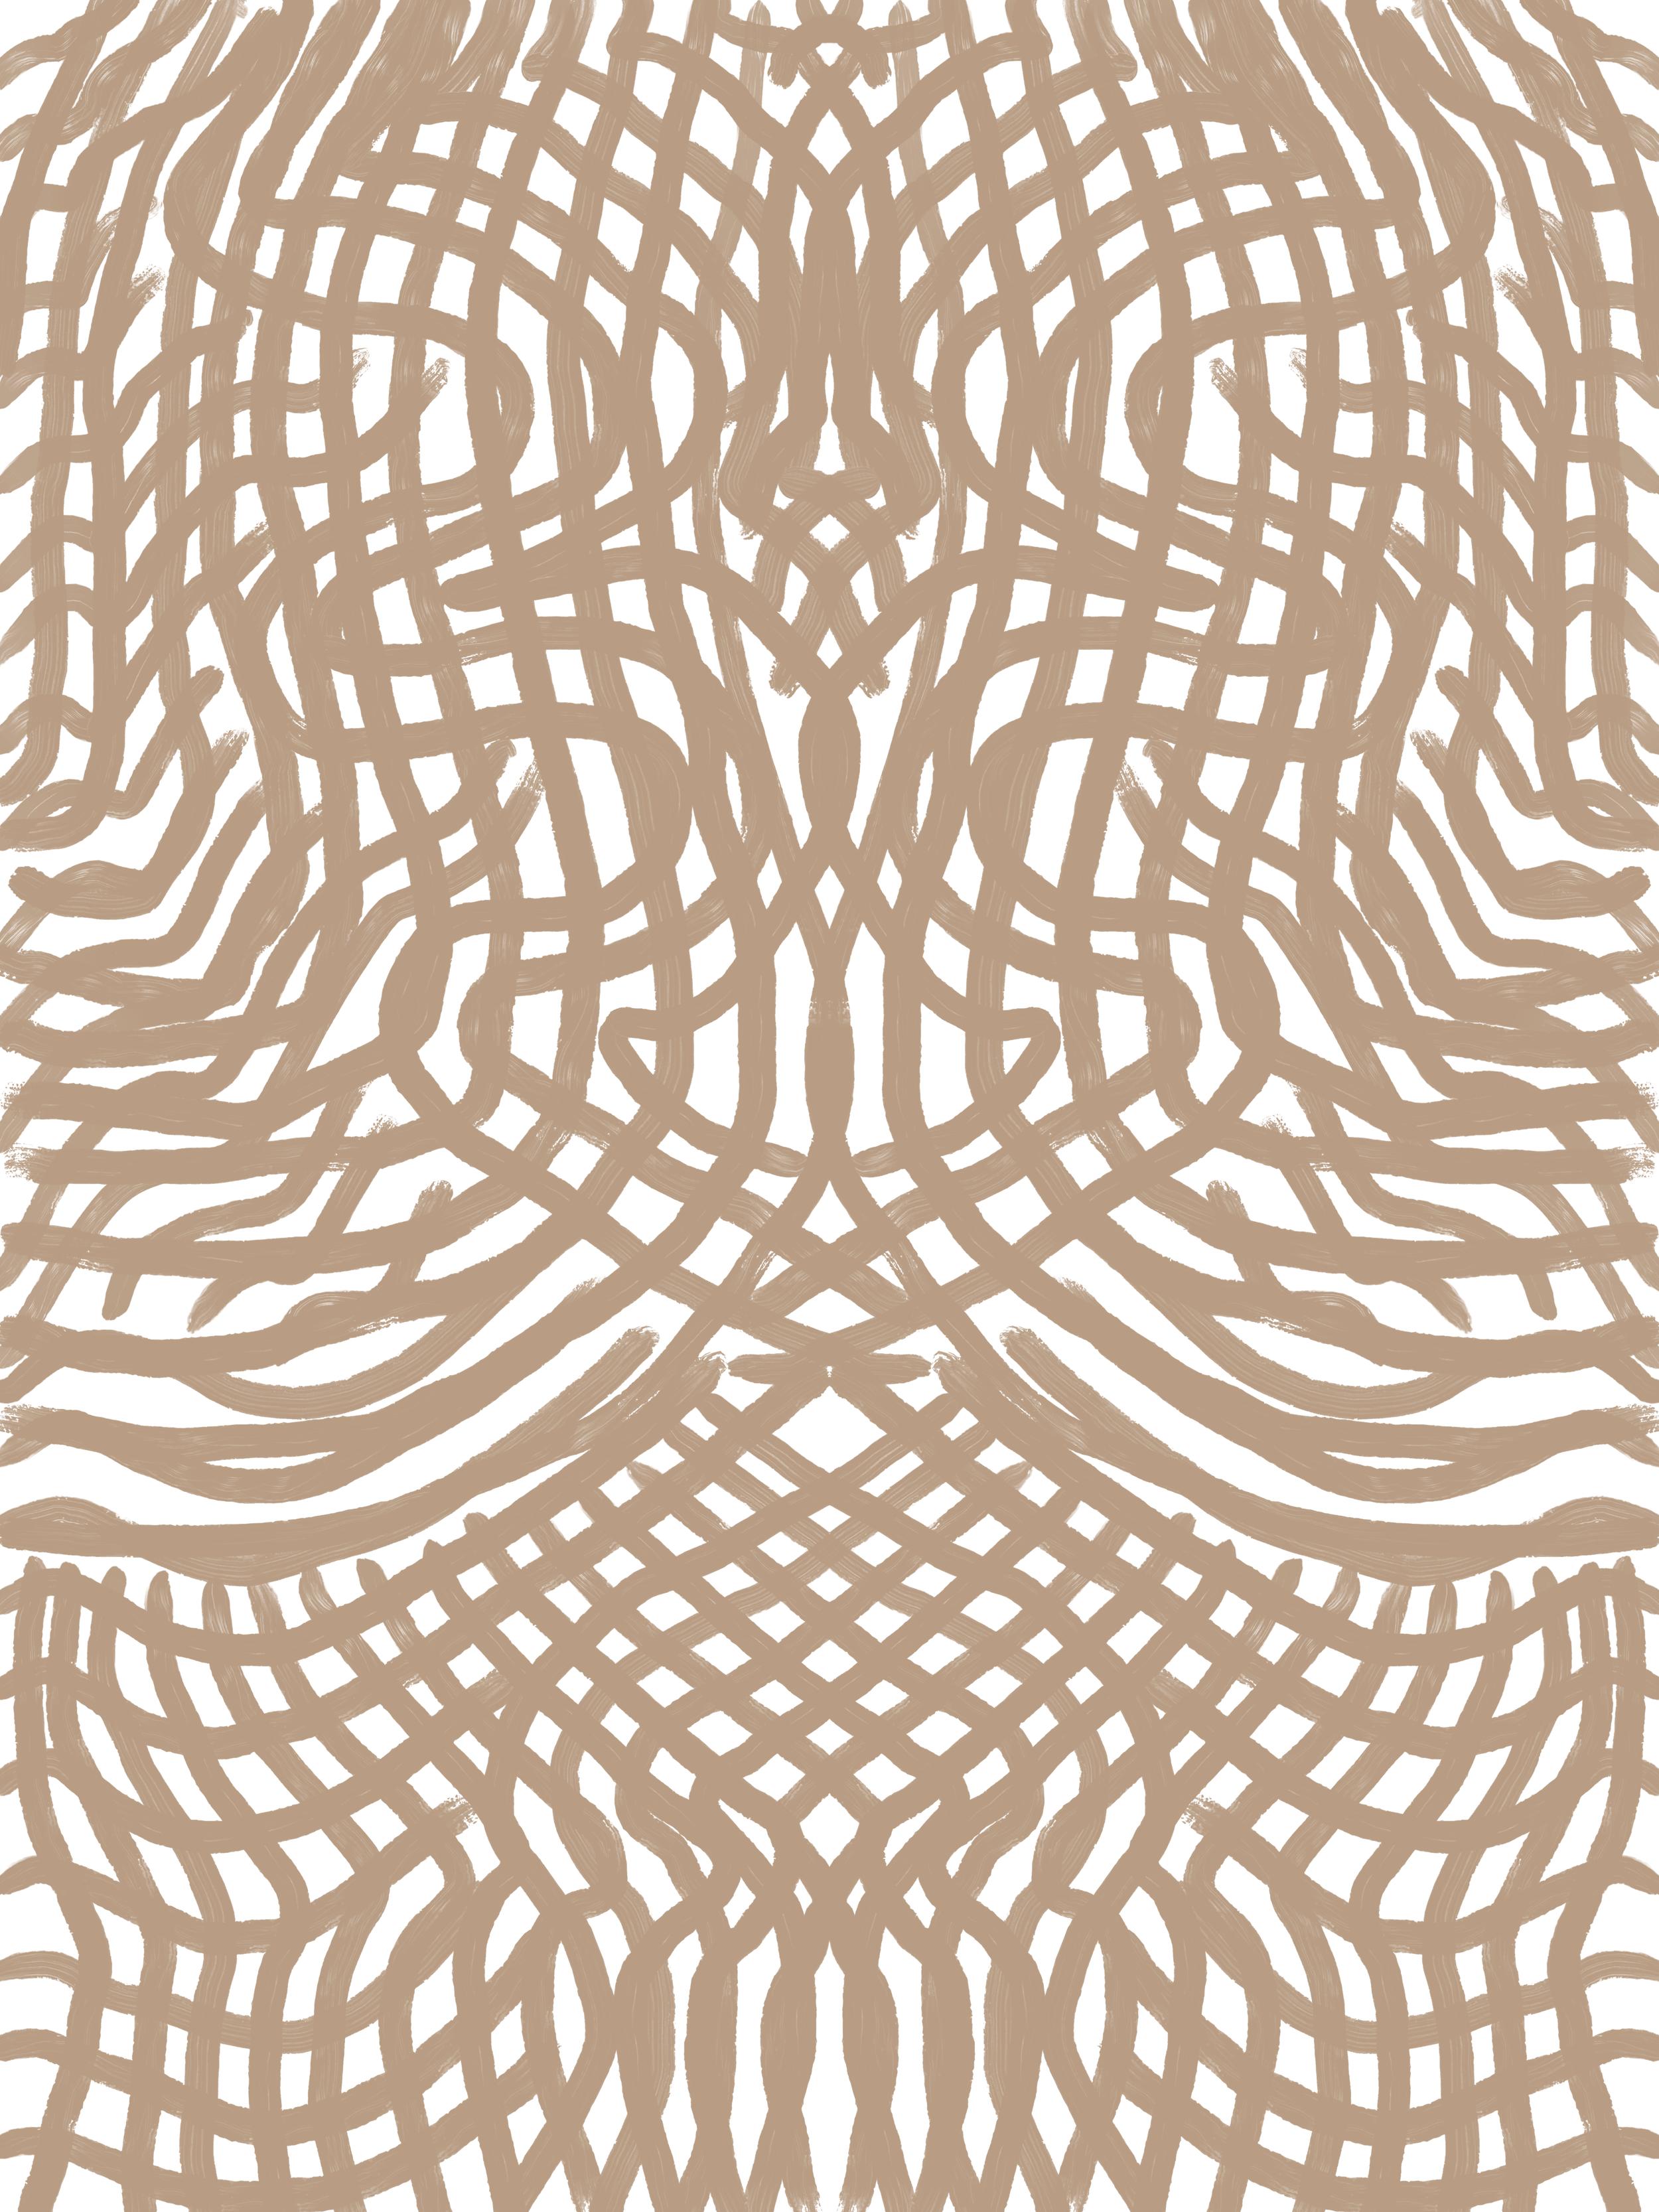 Grid 3.png